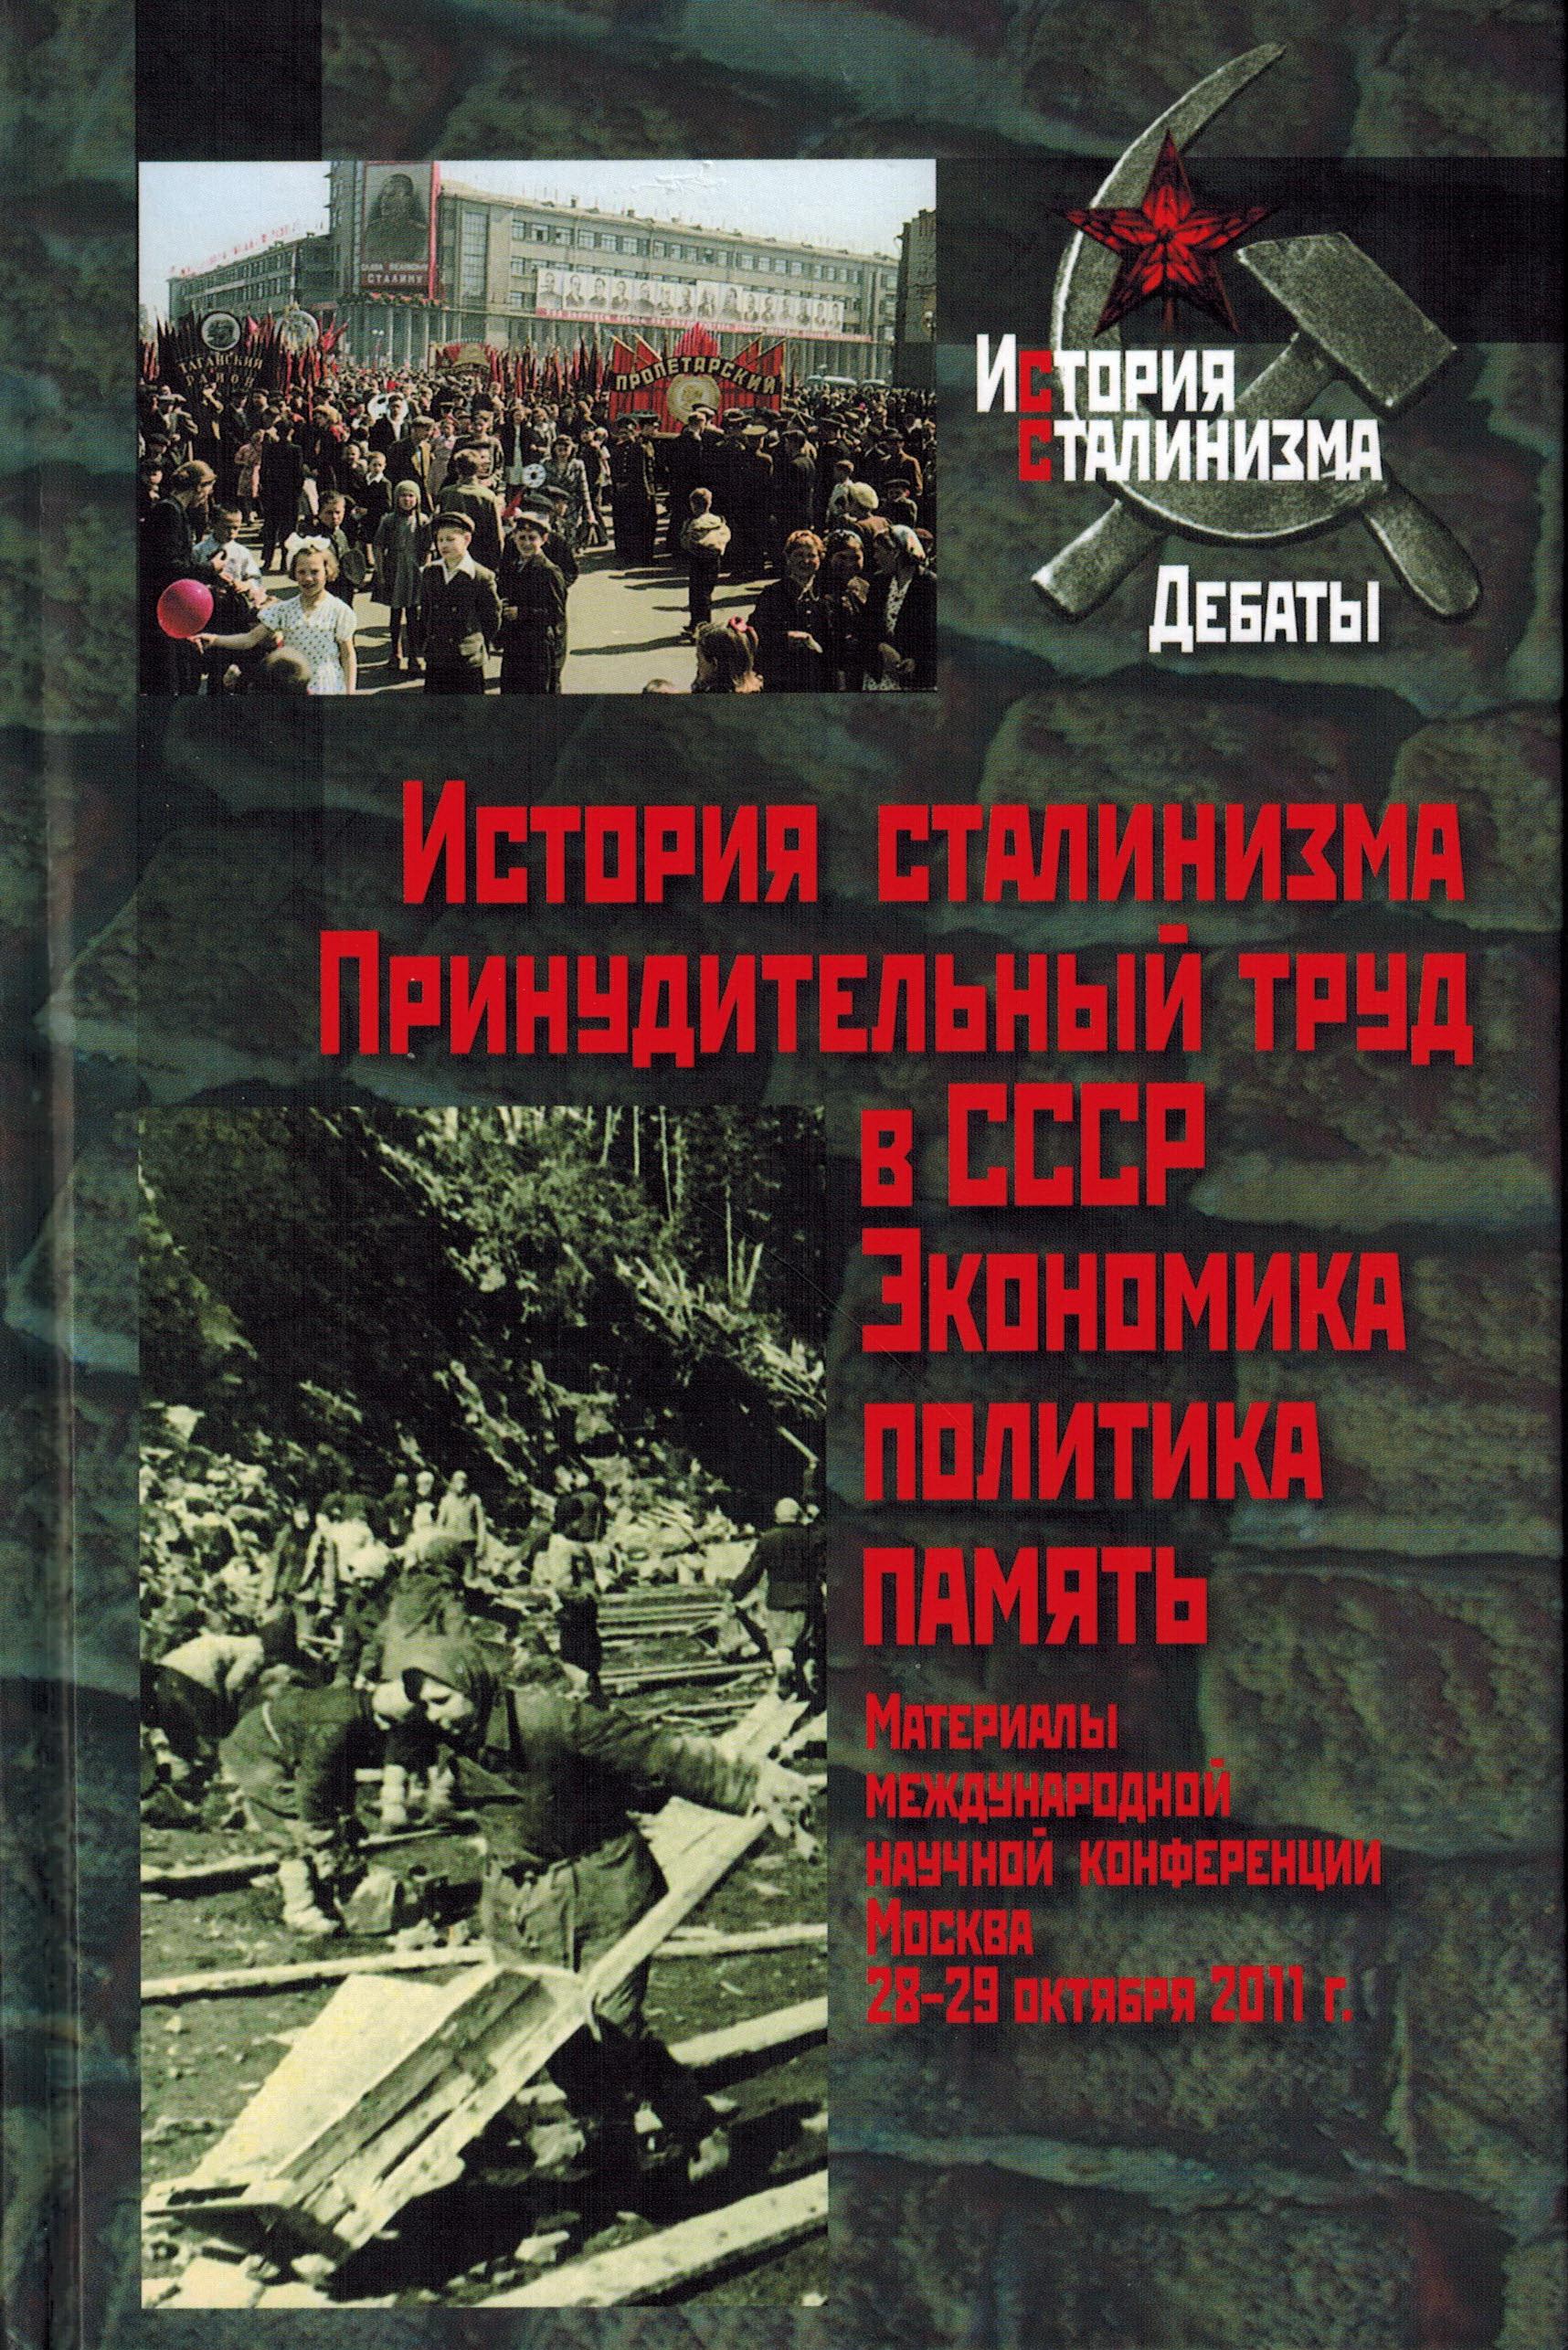 Спецпереселенцы на Урале в 1930-е гг.: генезис и динамика региональной подсистемы принудительного труда